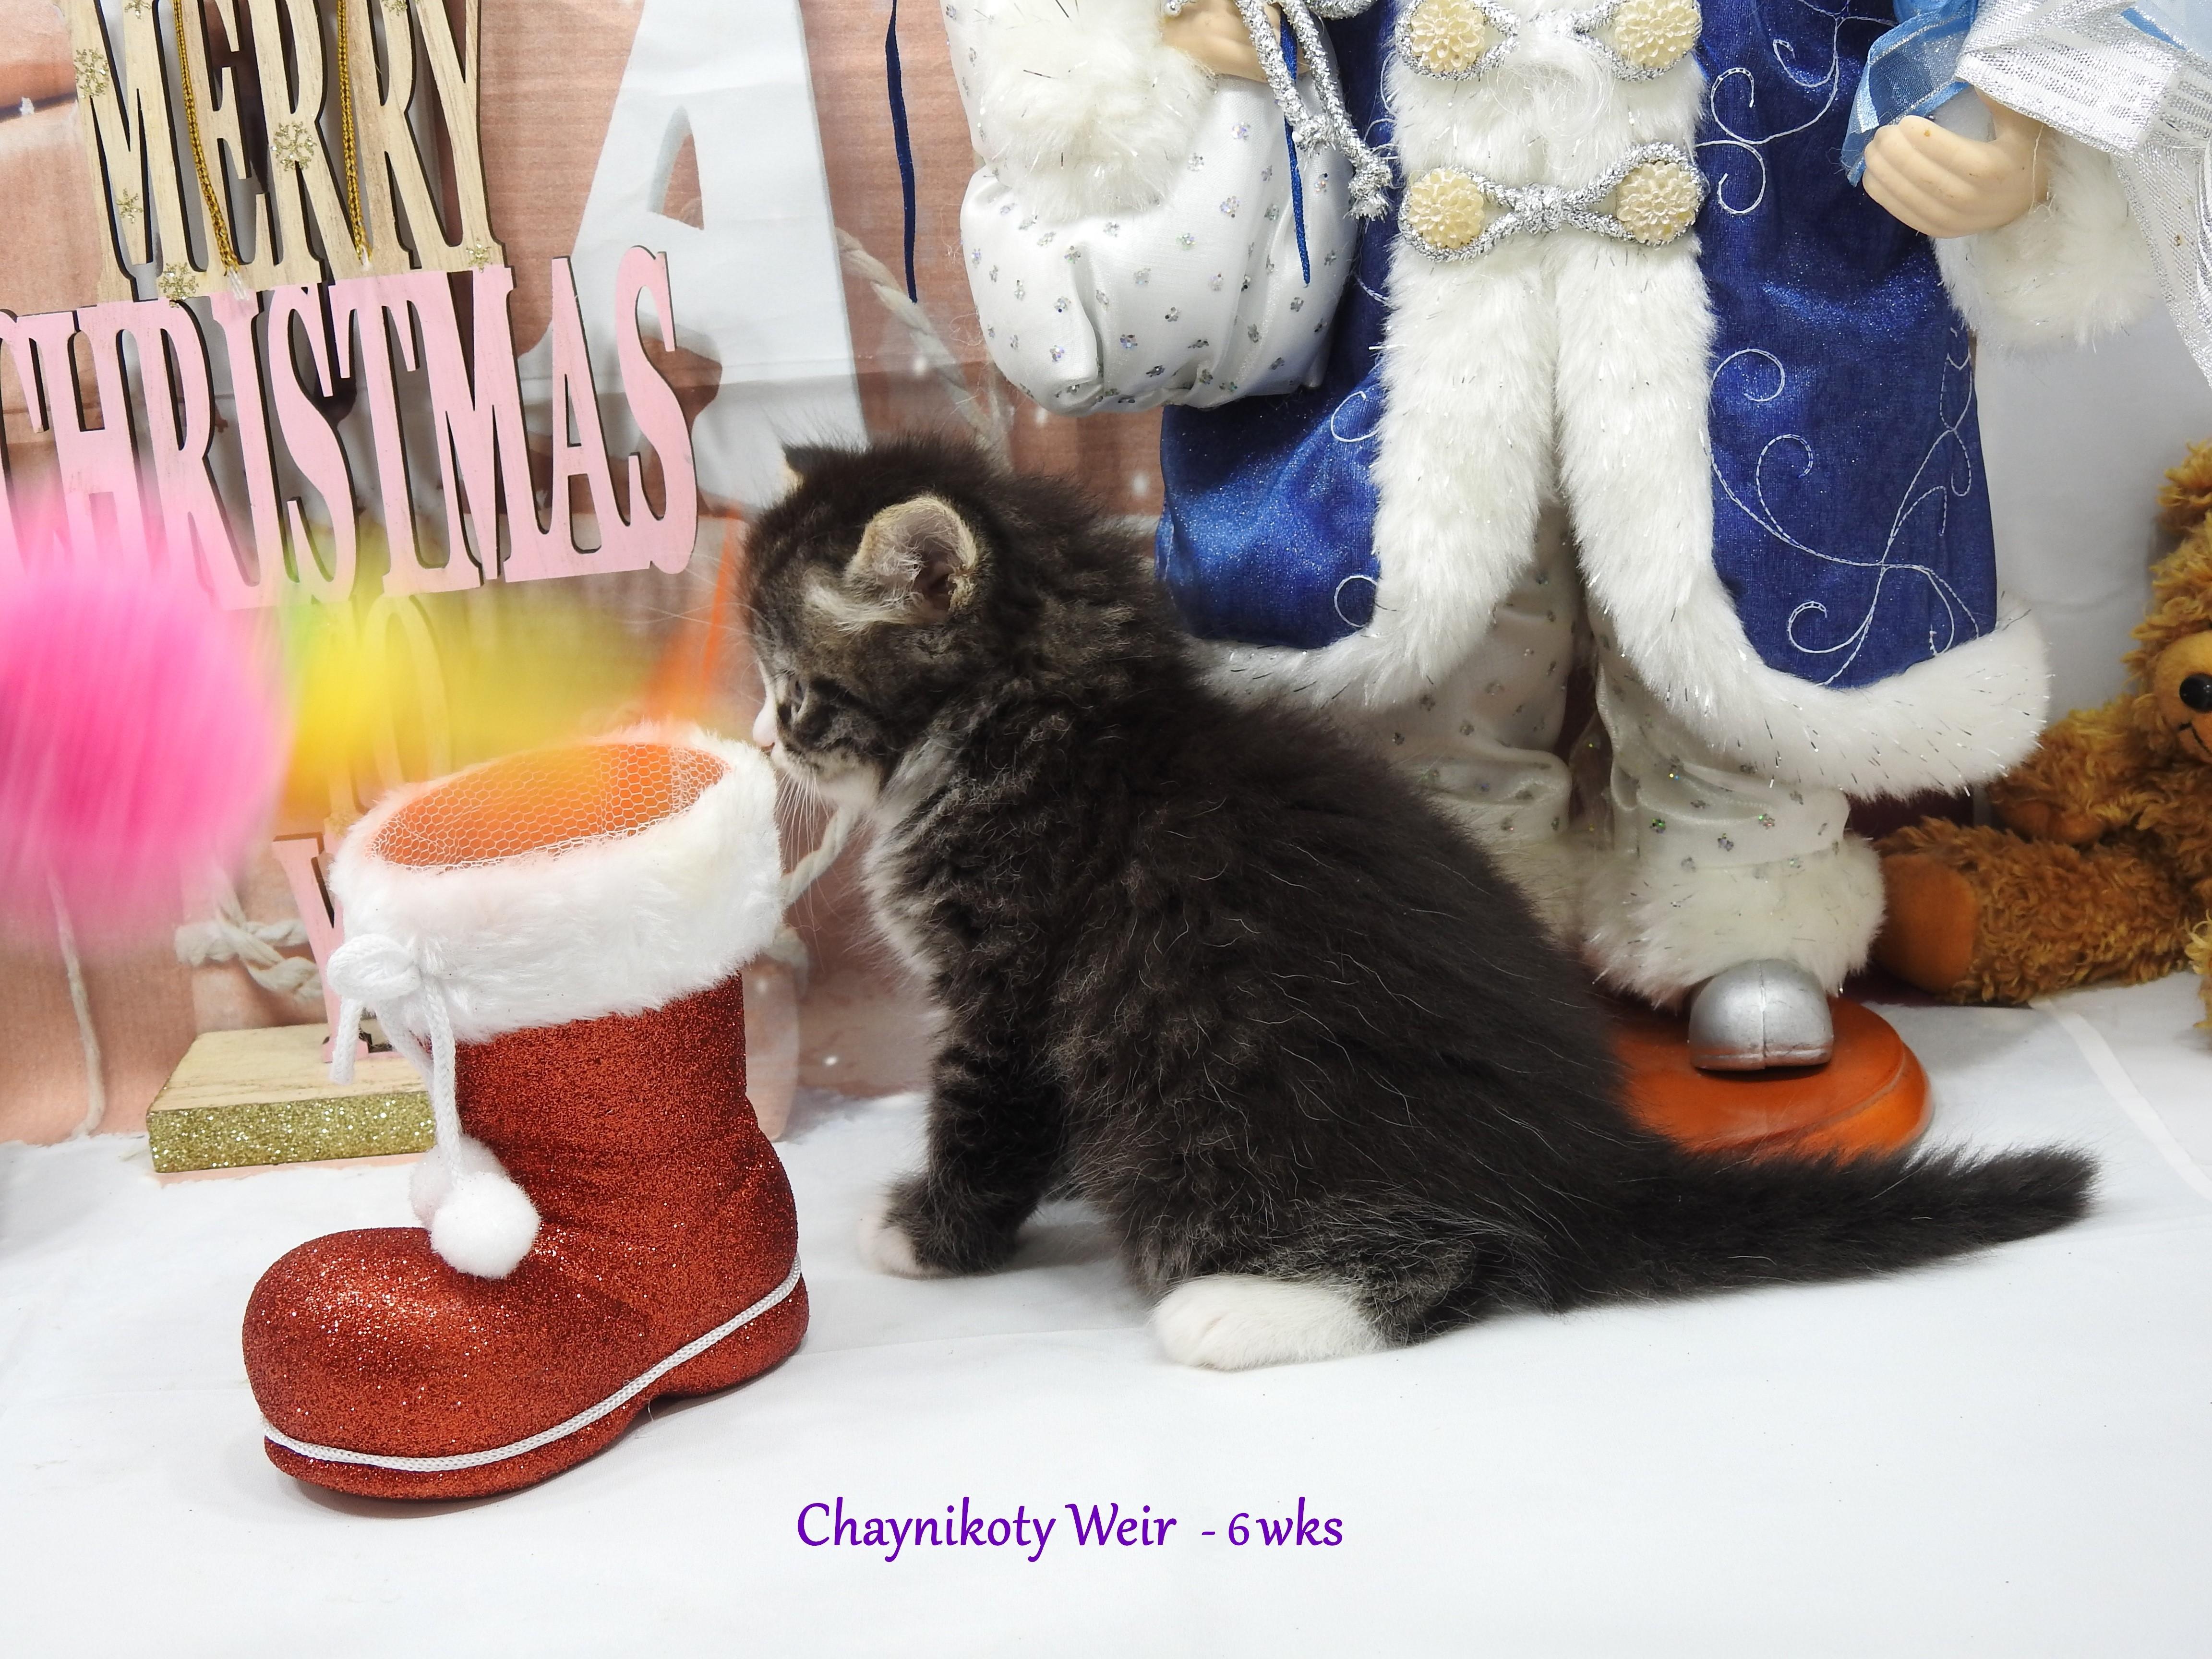 Chaynikoty Weir - 6 wks